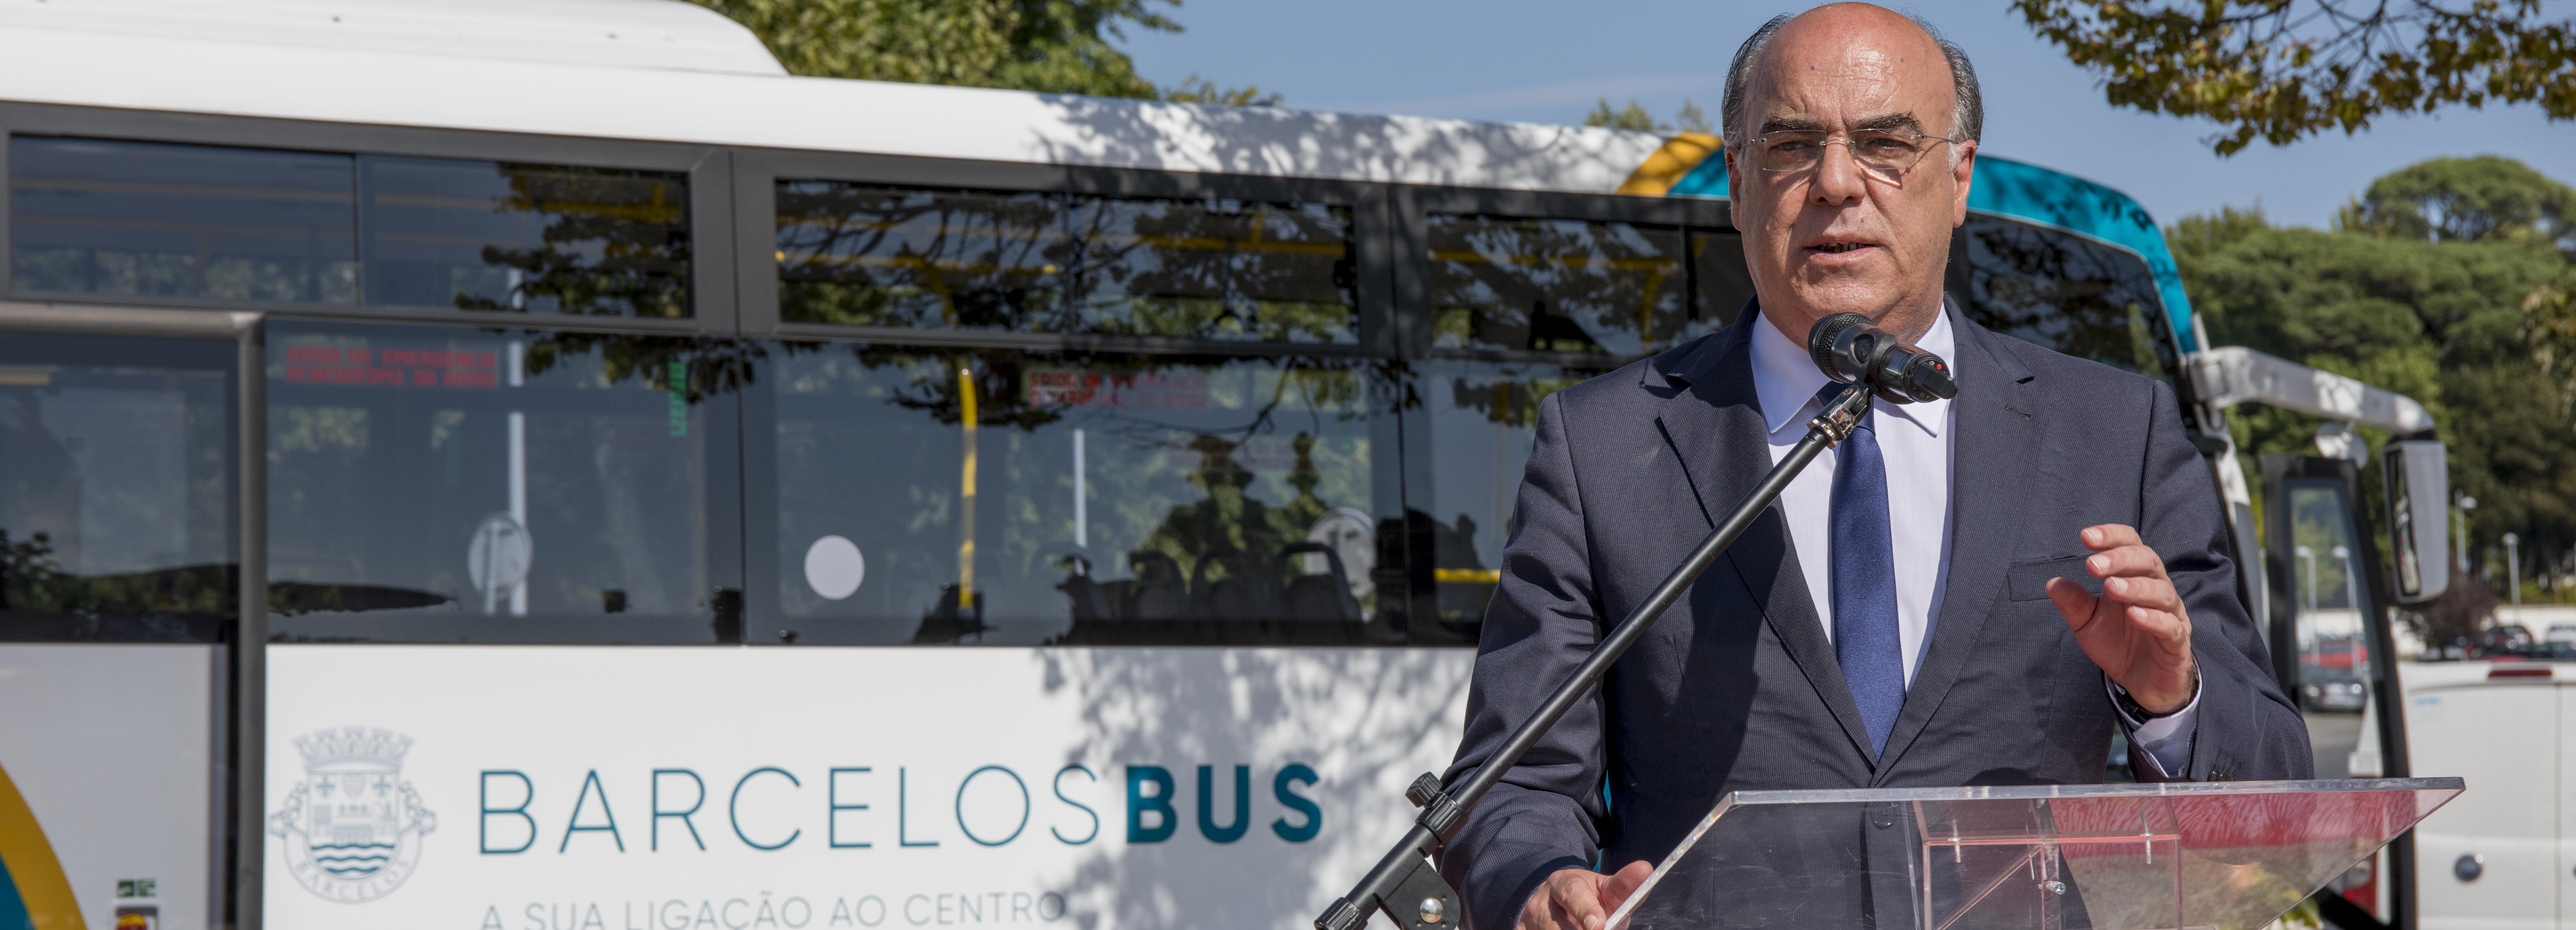 Presidente da Câmara inaugurou rede de transportes urbanos